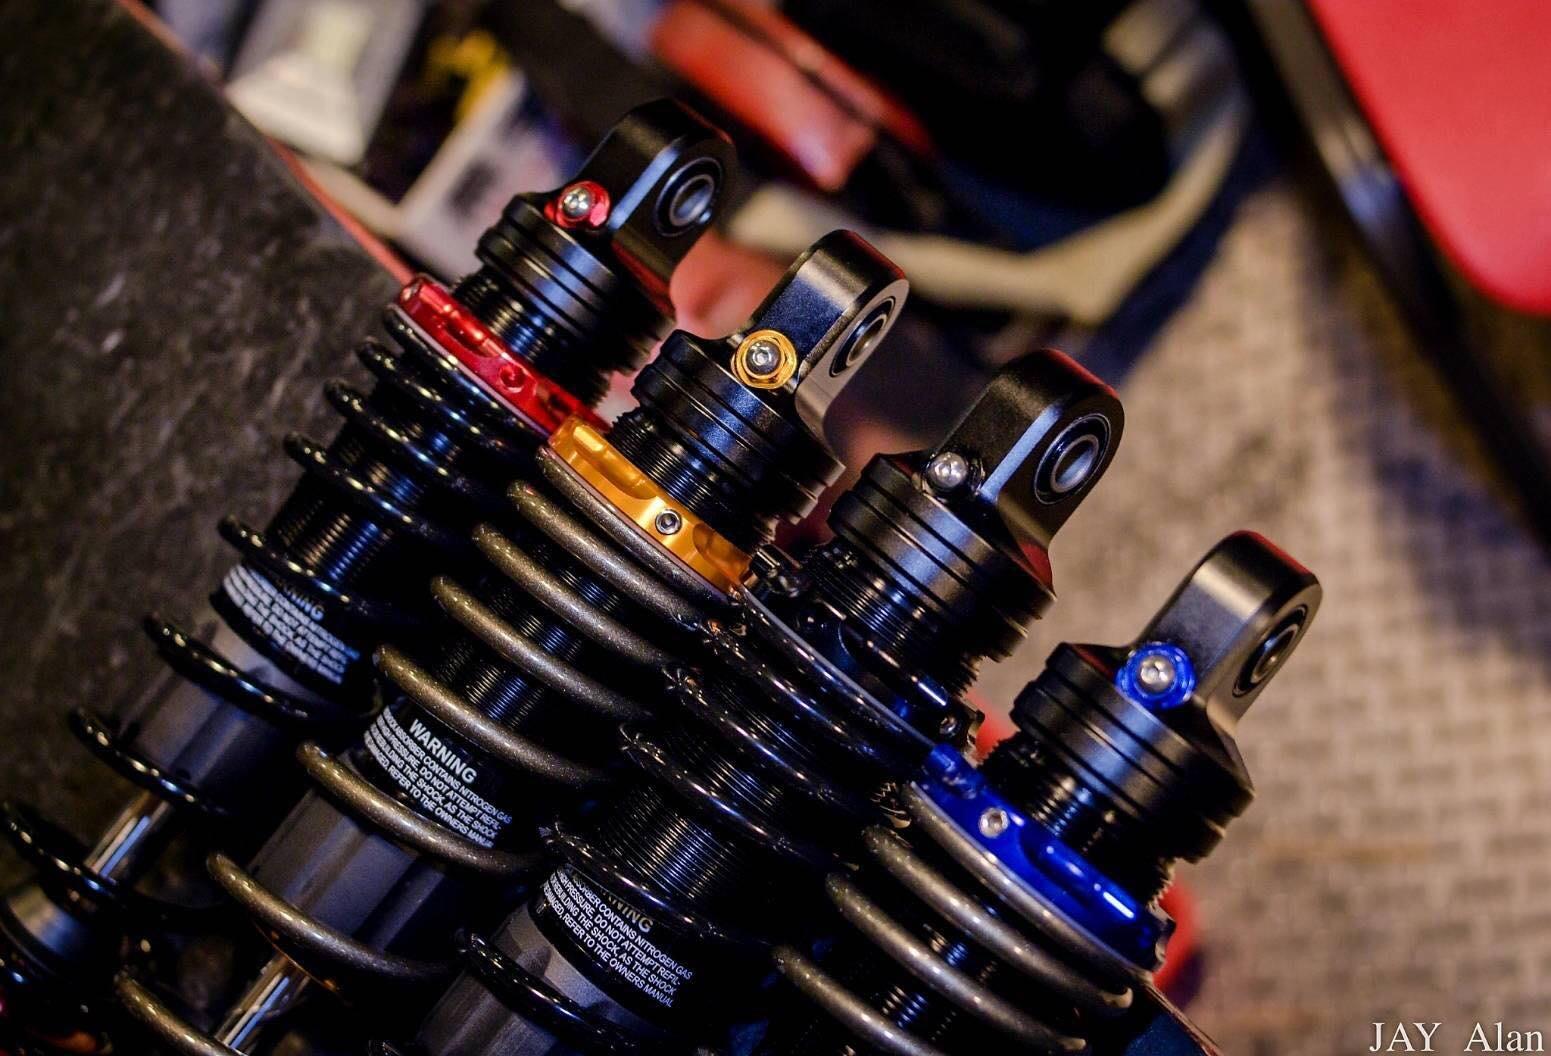 駿馬車業 DJ1 GOGORO 2 專用 一組兩隻6500元 油氣分離阻尼可調